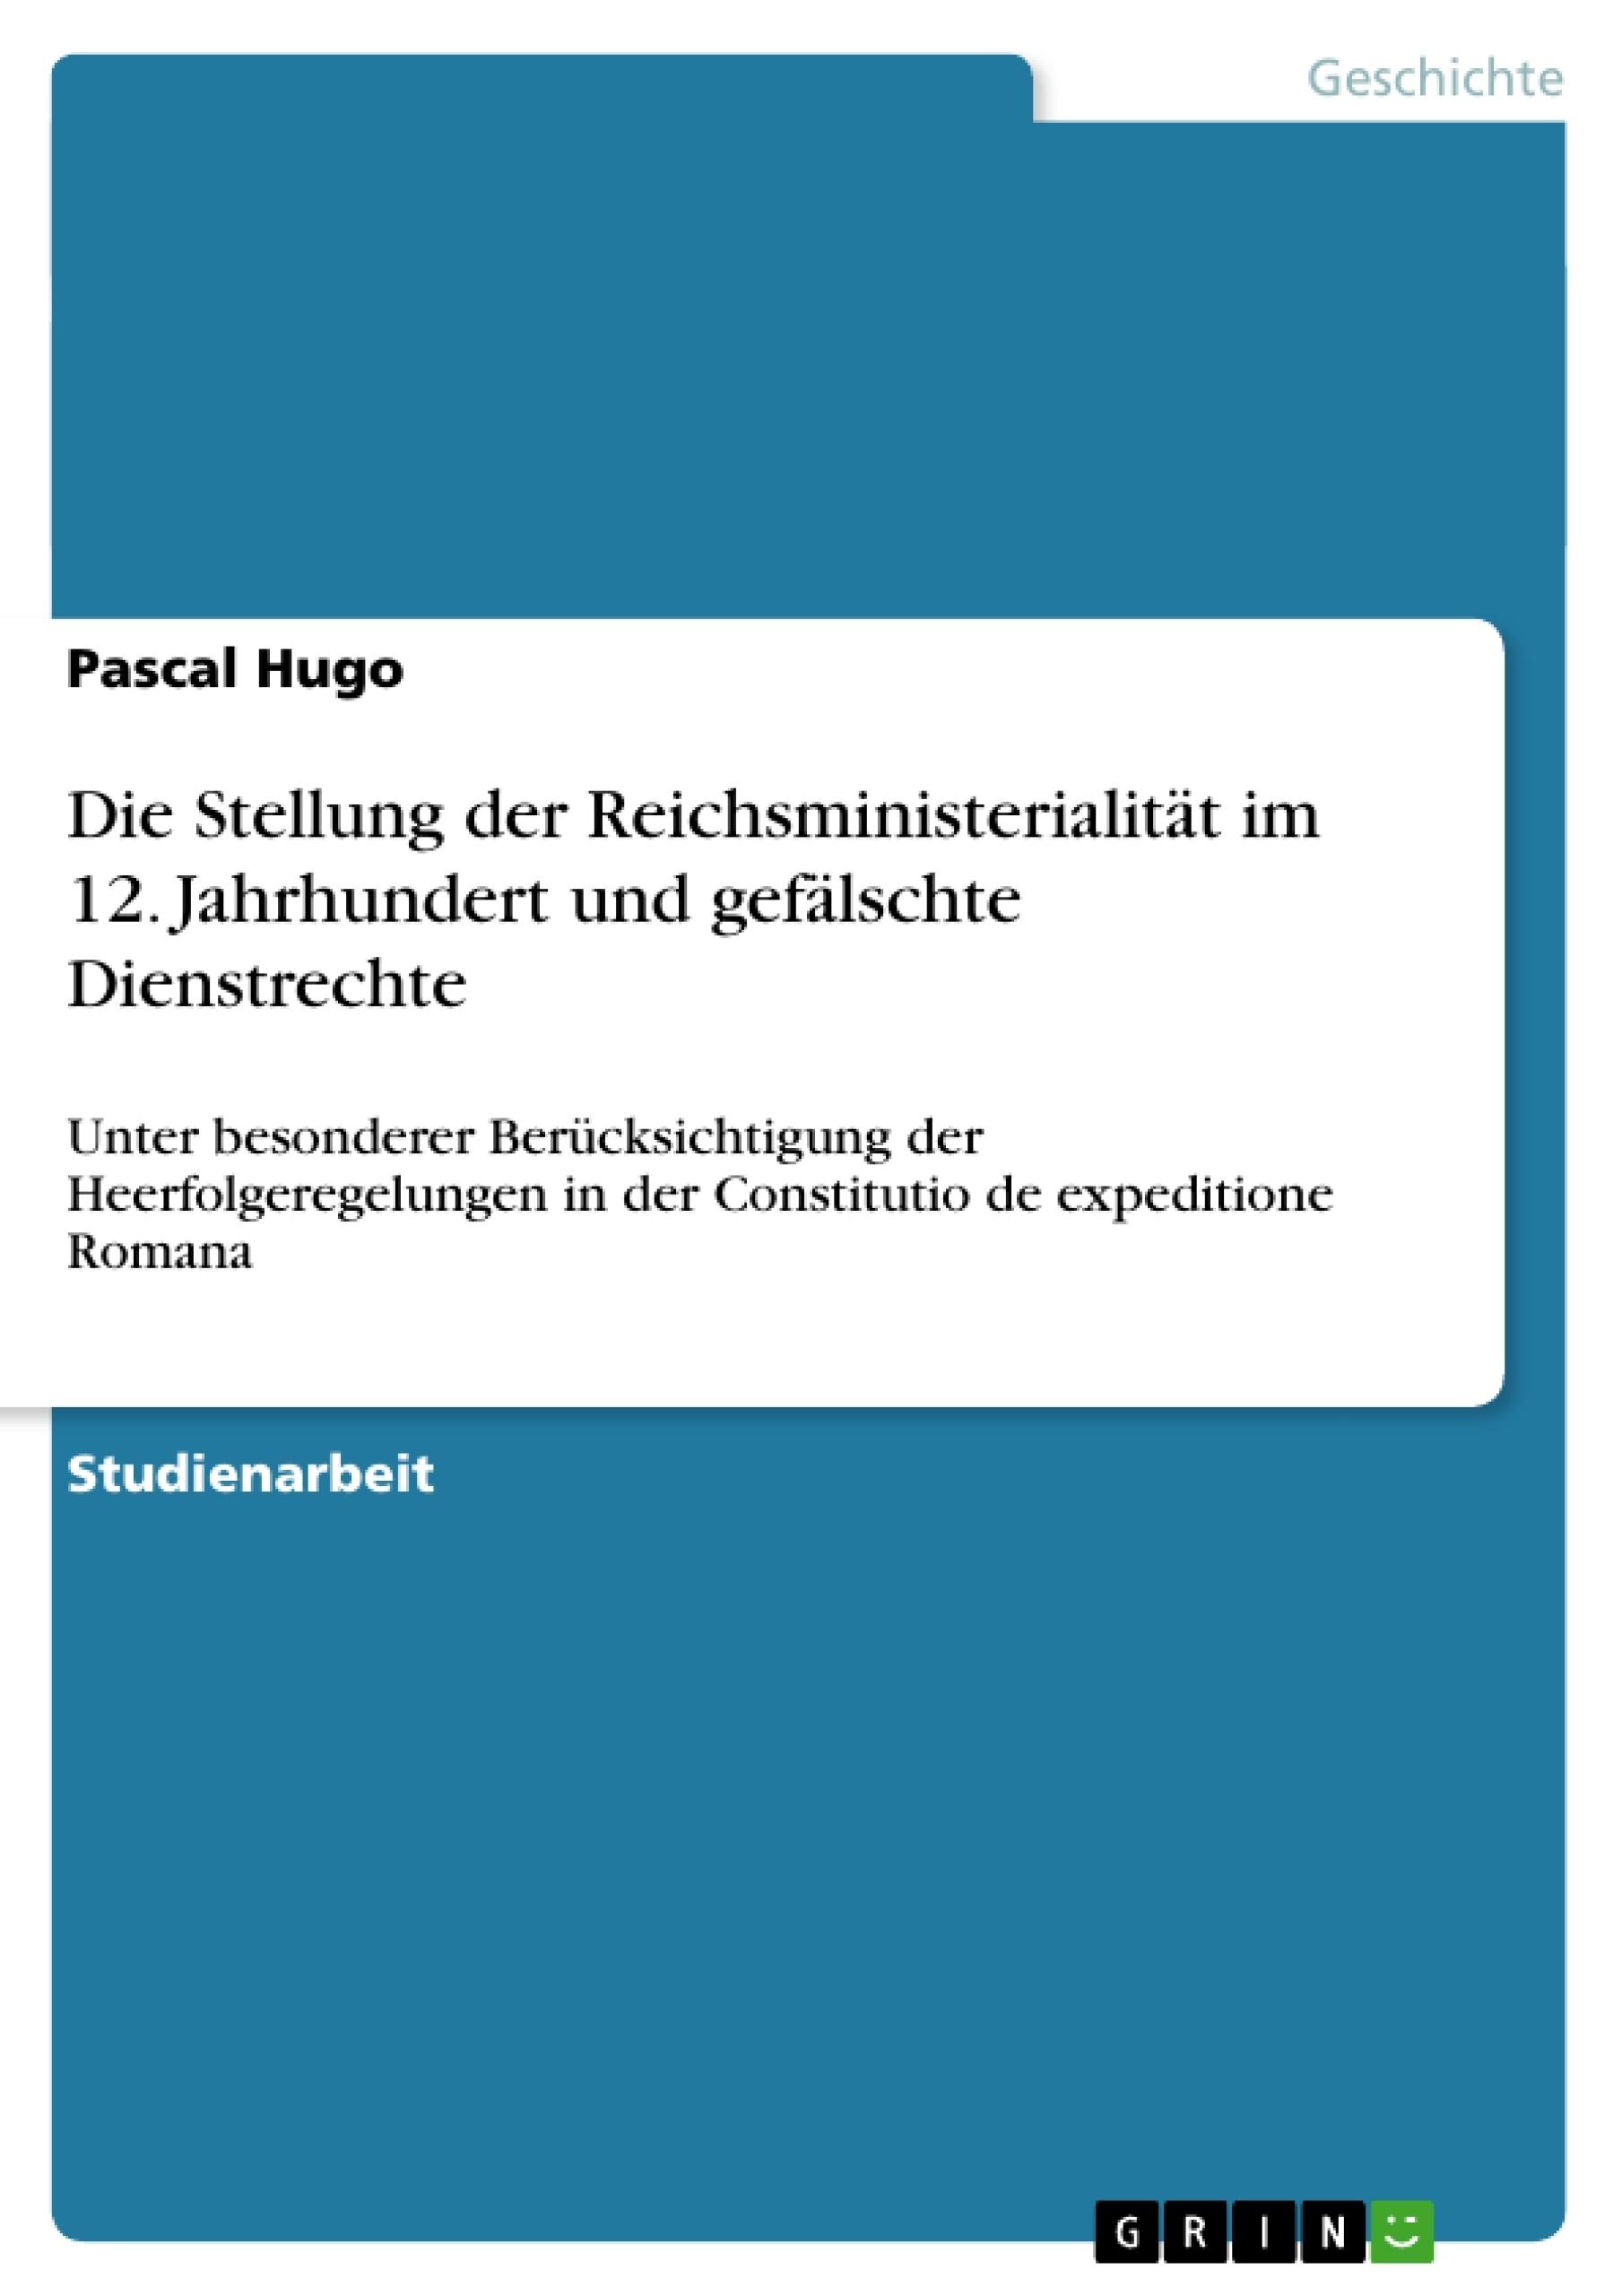 Titel: Die Stellung der Reichsministerialität im 12. Jahrhundert und gefälschte Dienstrechte